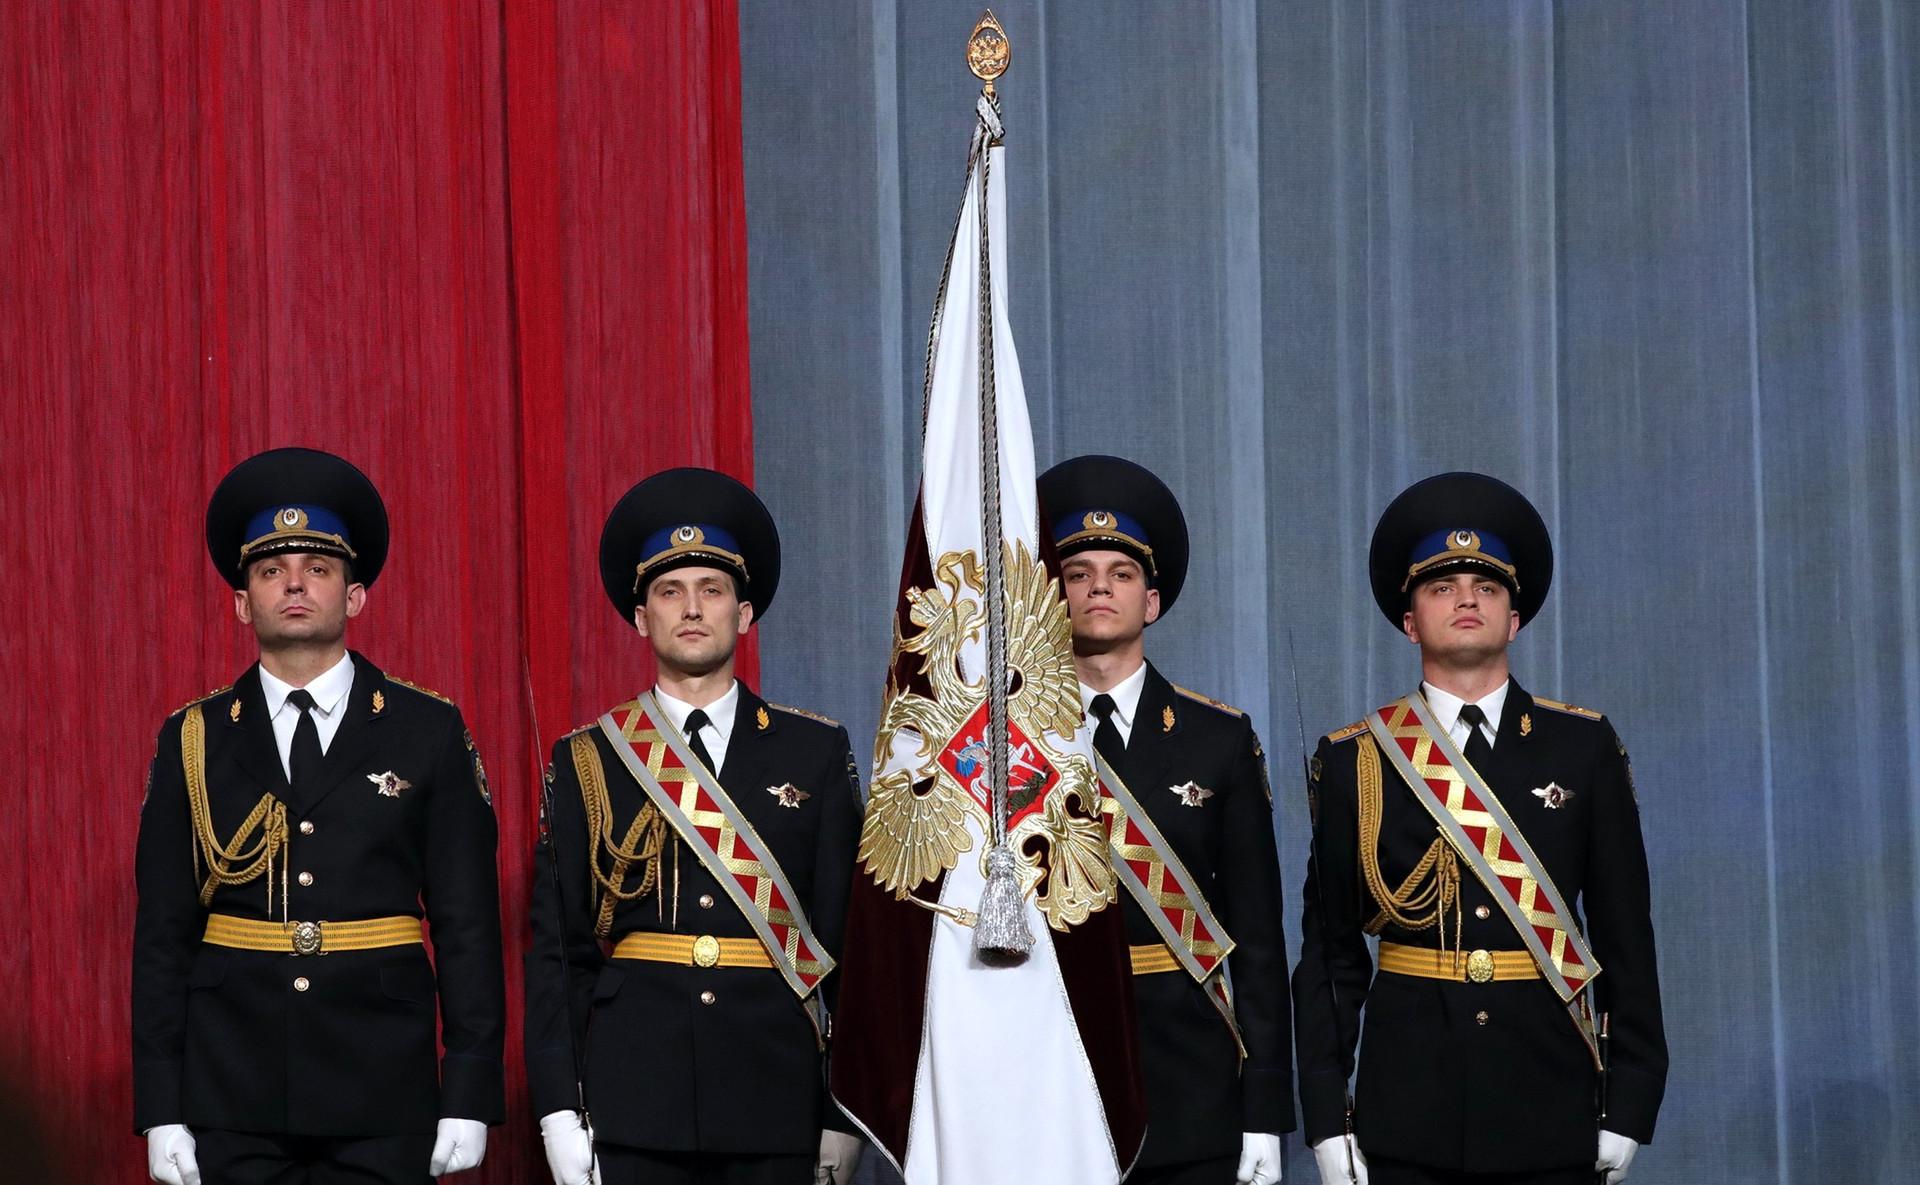 Припадници Росгвардије (Руске националне гарде) на пријему у Кремљу, март 2017.